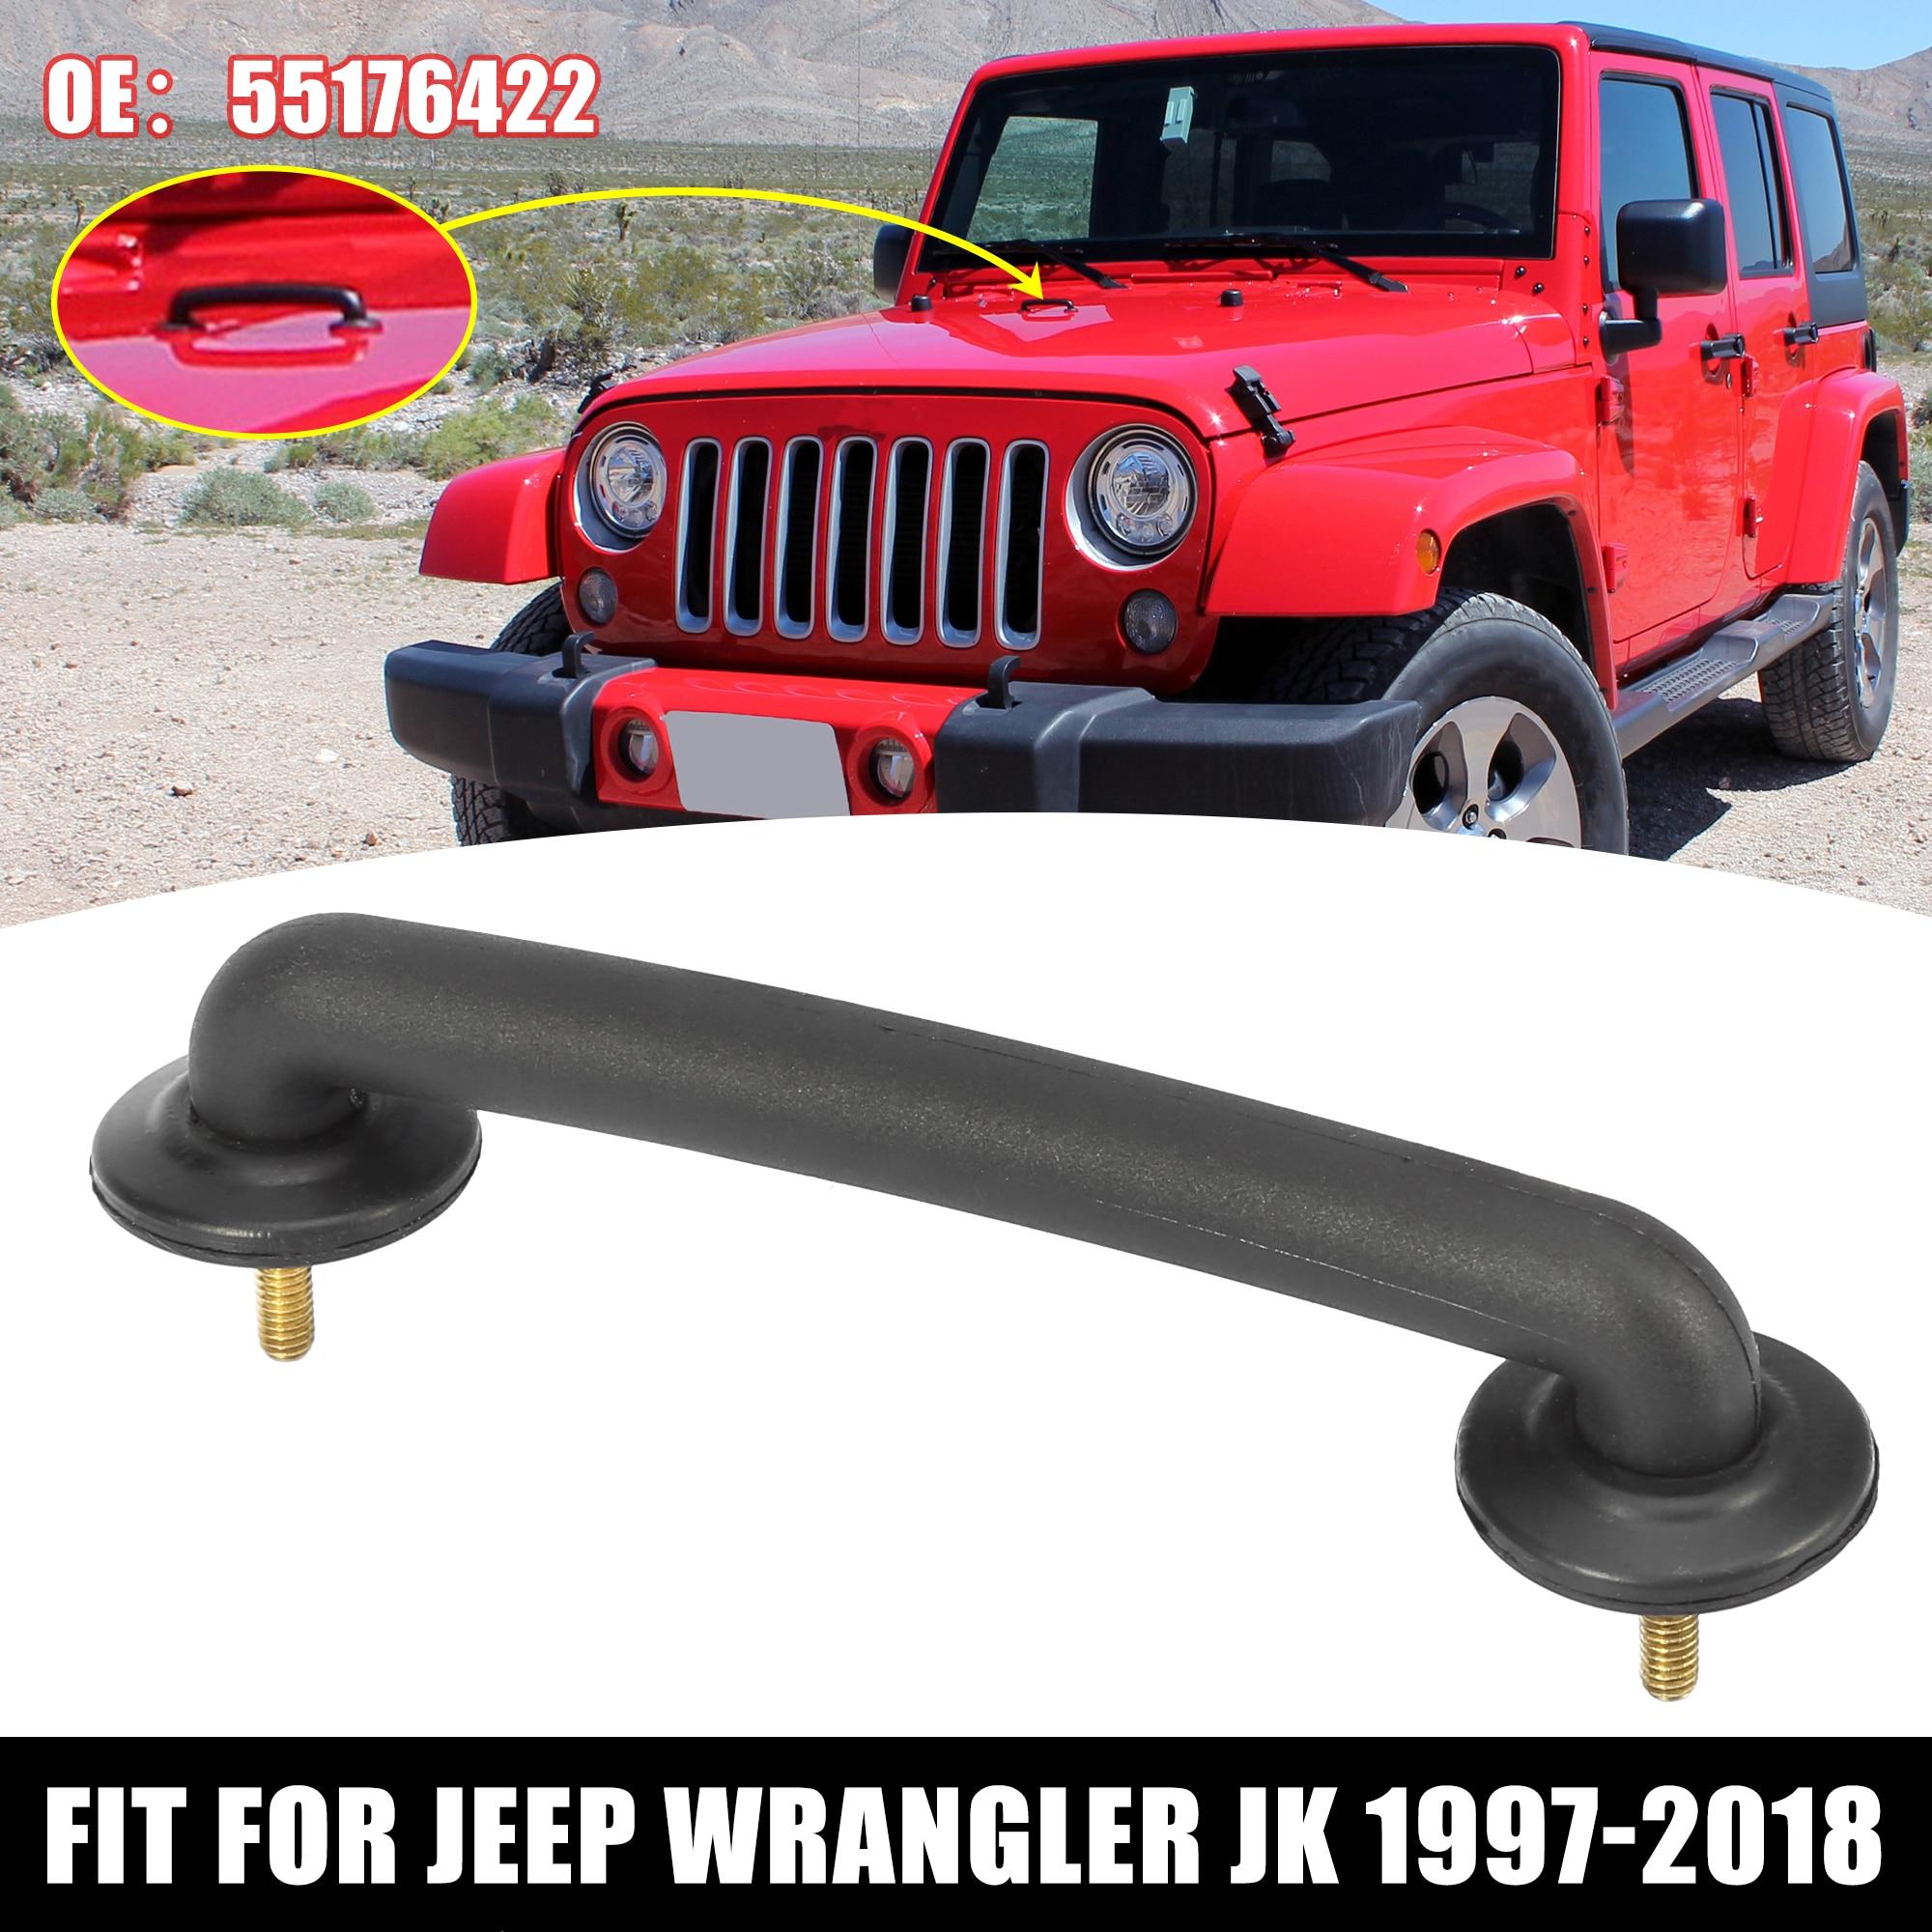 X Autohaux подходит для Jeep Wrangler JK 1997-2018 ремень капота лобовое стекло держатель кронштейн капота петля 55176422